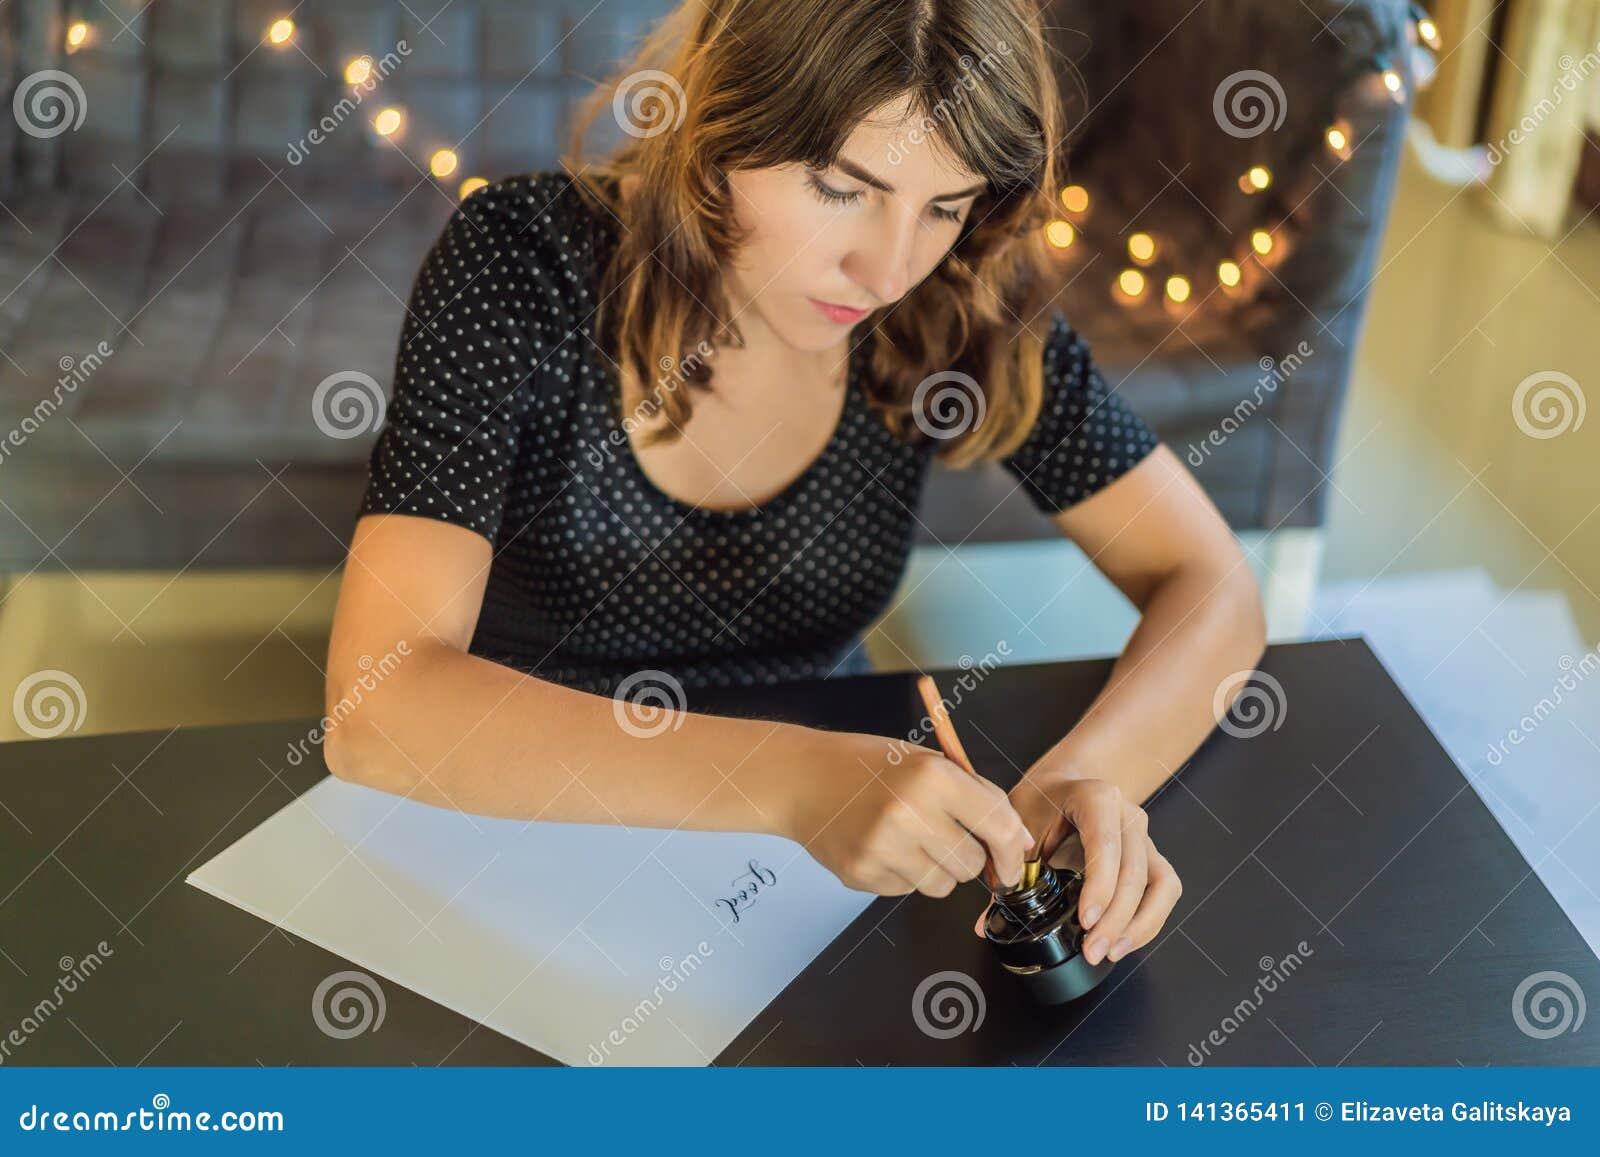 El calígrafo Young Woman escribe frase en el Libro Blanco Buenos días Inscripción de letras adornadas ornamentales